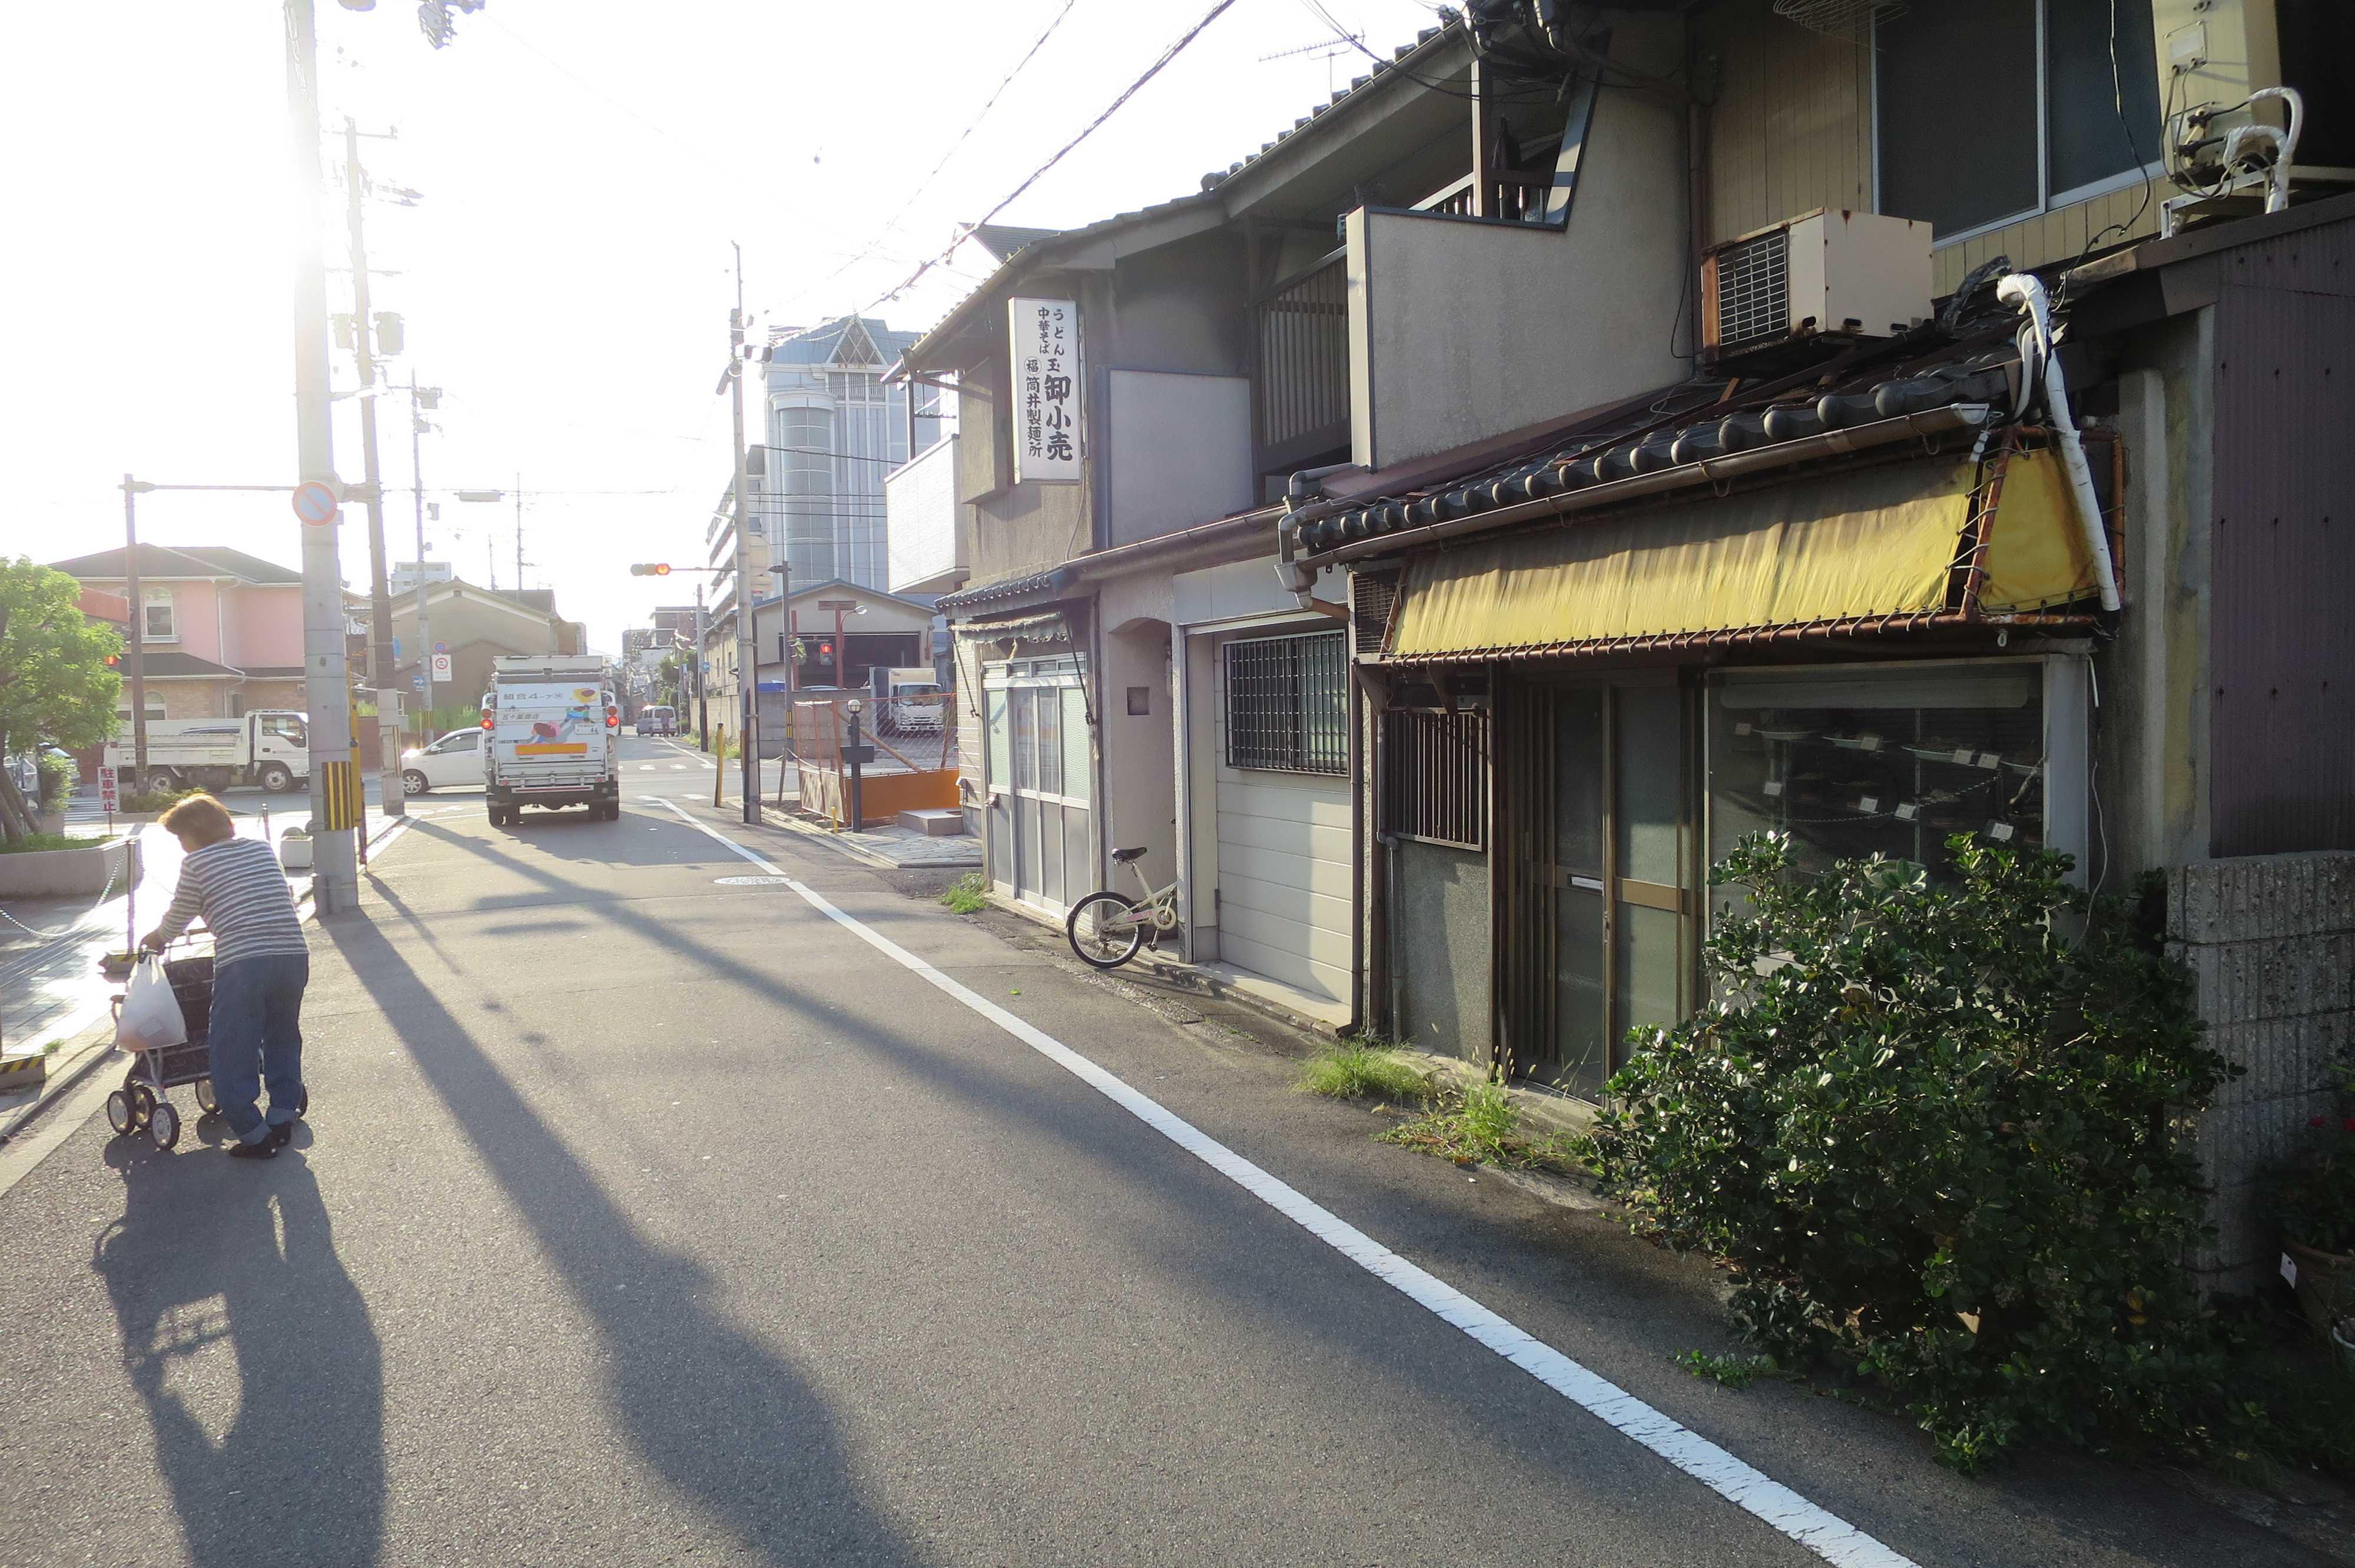 京都・崇仁地区 - 通行人と通行車